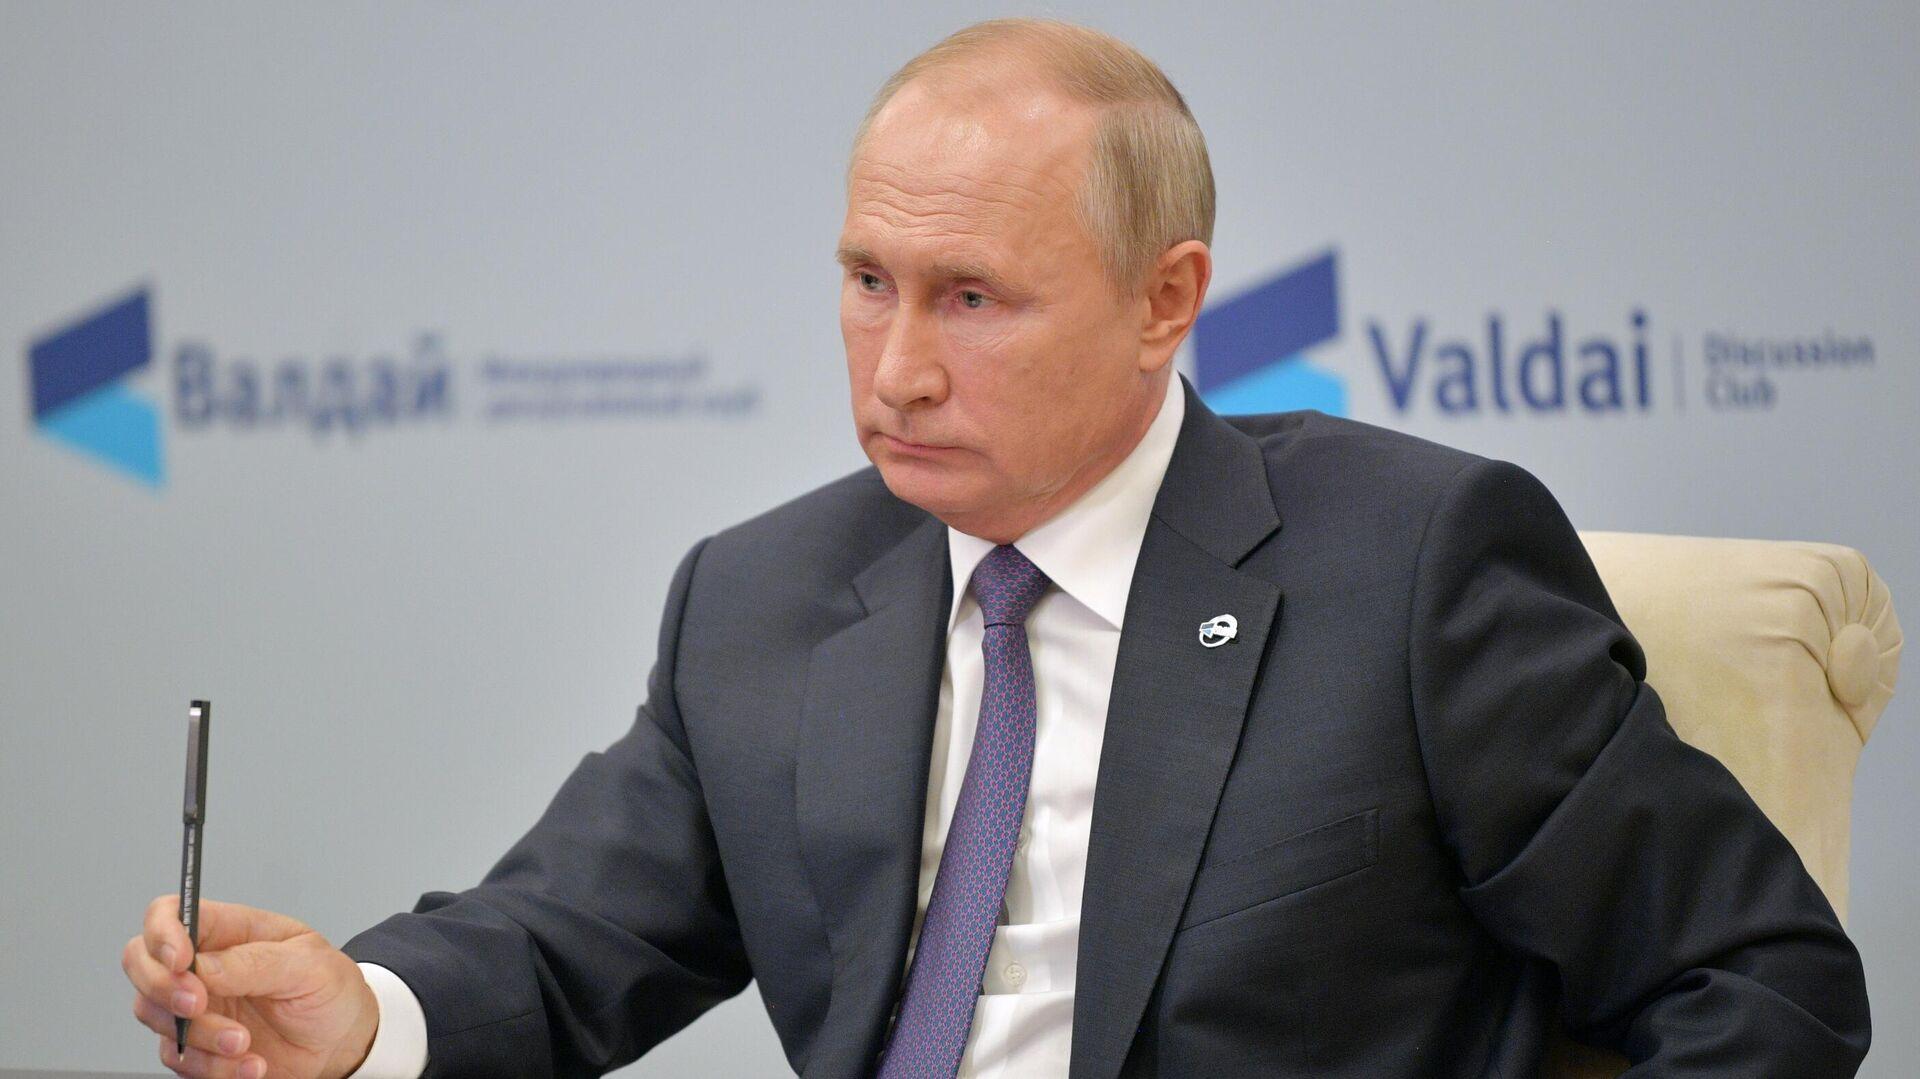 1581073989 0:193:2809:1773 1920x0 80 0 0 e744aedb7f6e9a1dc8abff4dd581275f - В России удается сдерживать инфляцию и рост безработицы, считает Путин